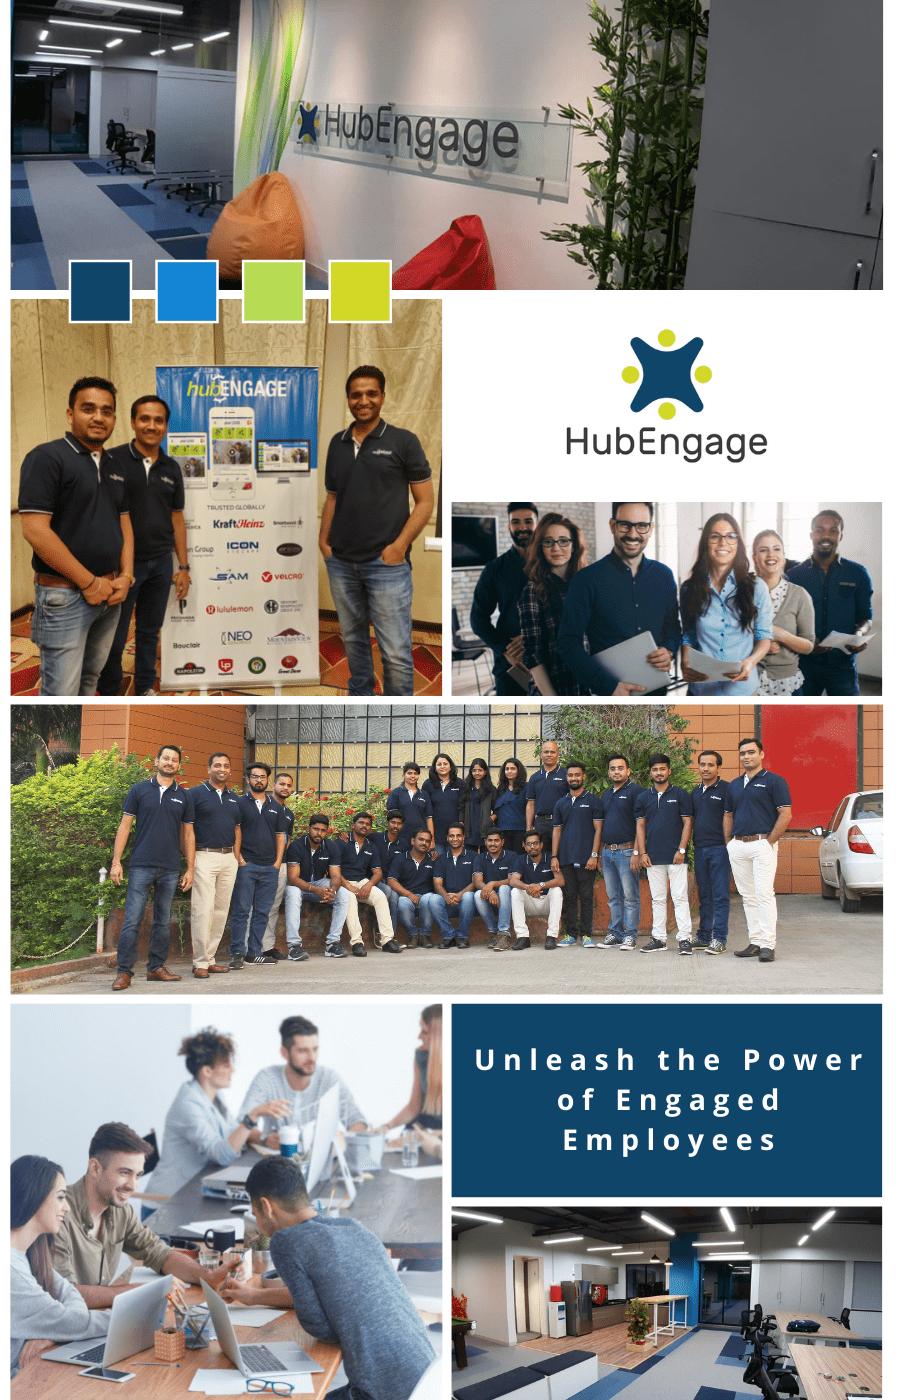 Working at HubEngage